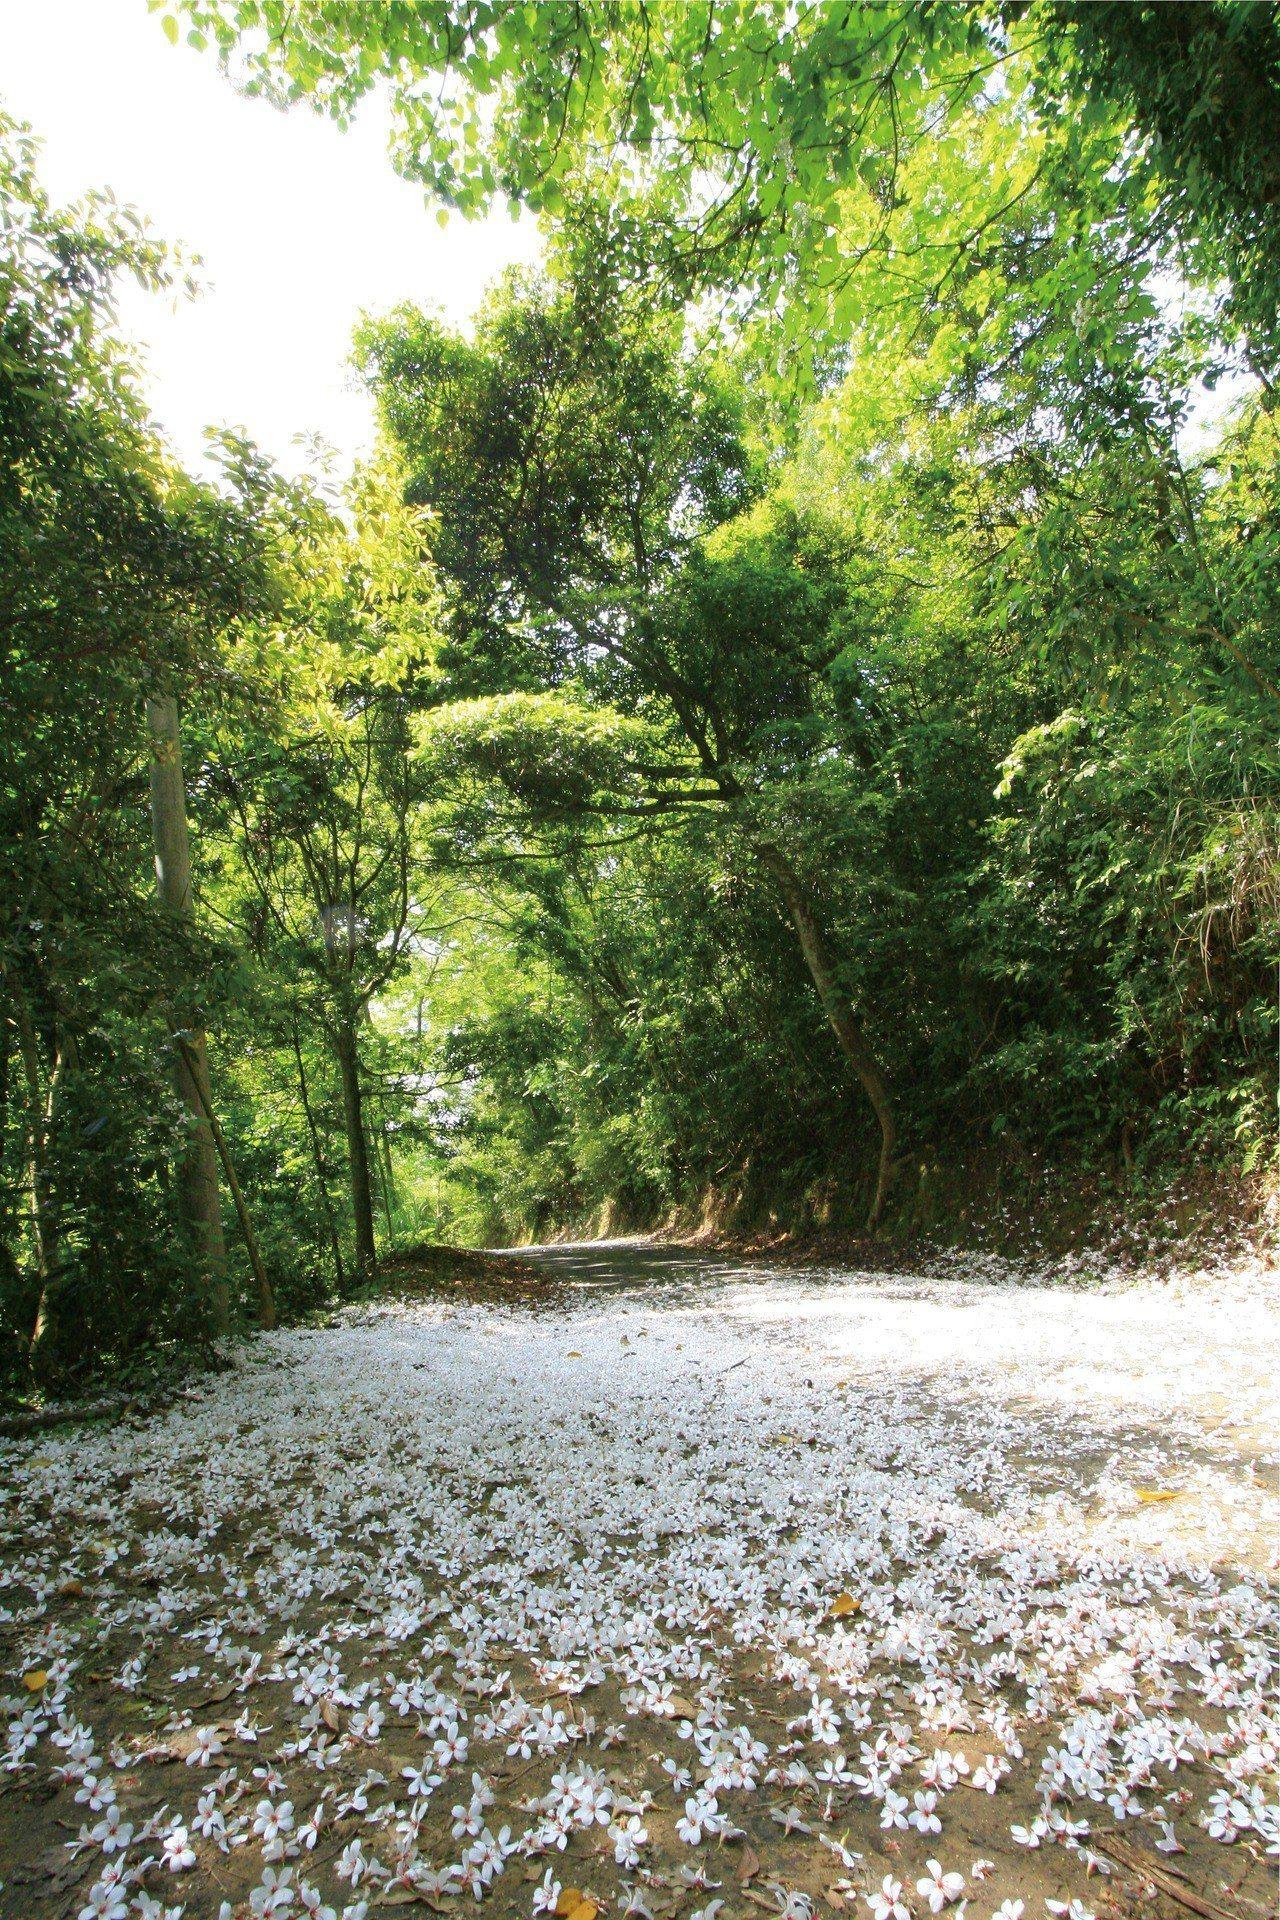 苗栗縣油桐花滿山遍野,山區小路落花有如鋪了白色地毯,讓人驚艷。圖/苗栗縣政府提供